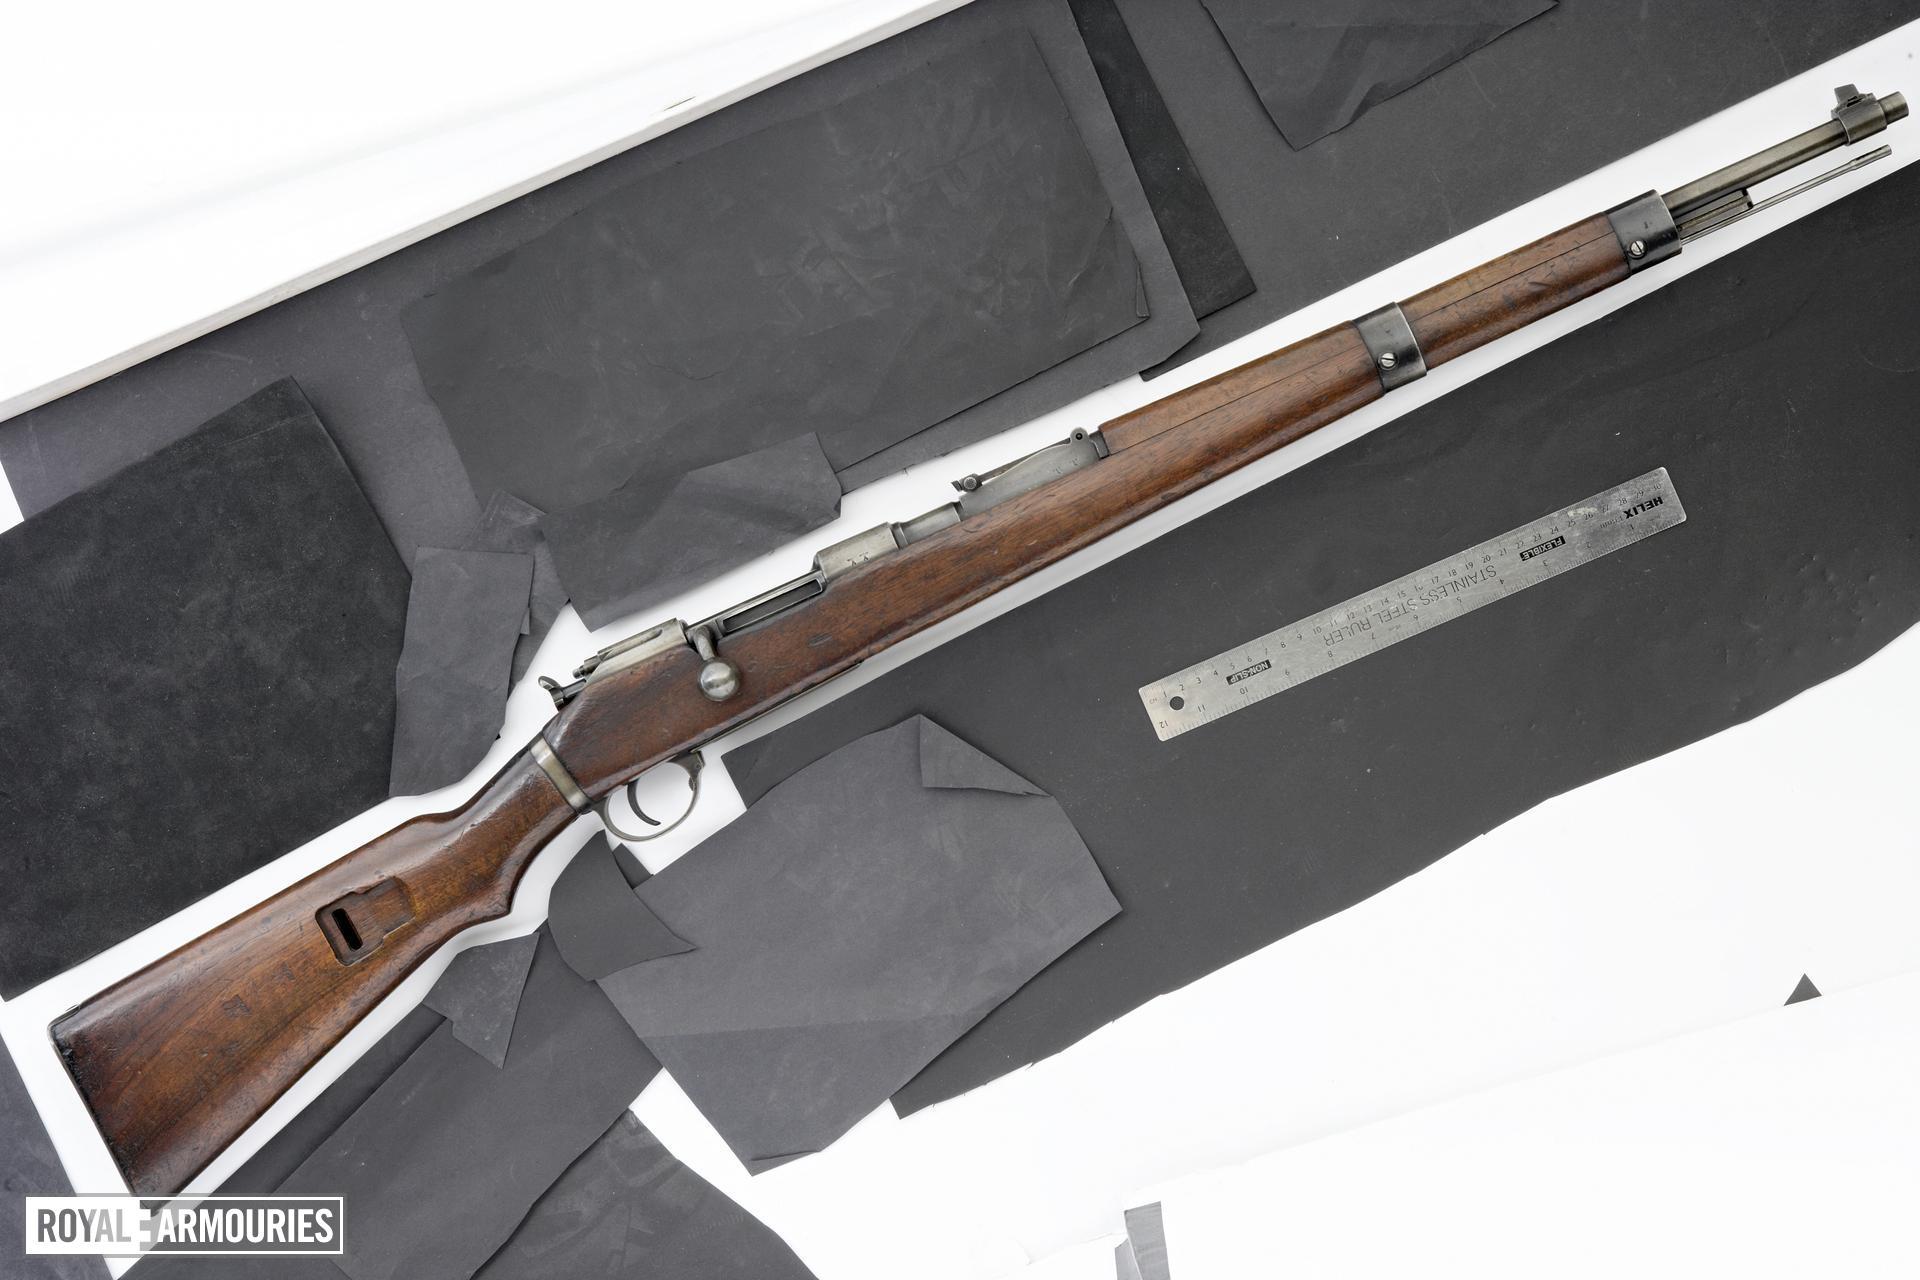 Centrefire bolt-action rifle - Mannlicher G98/40